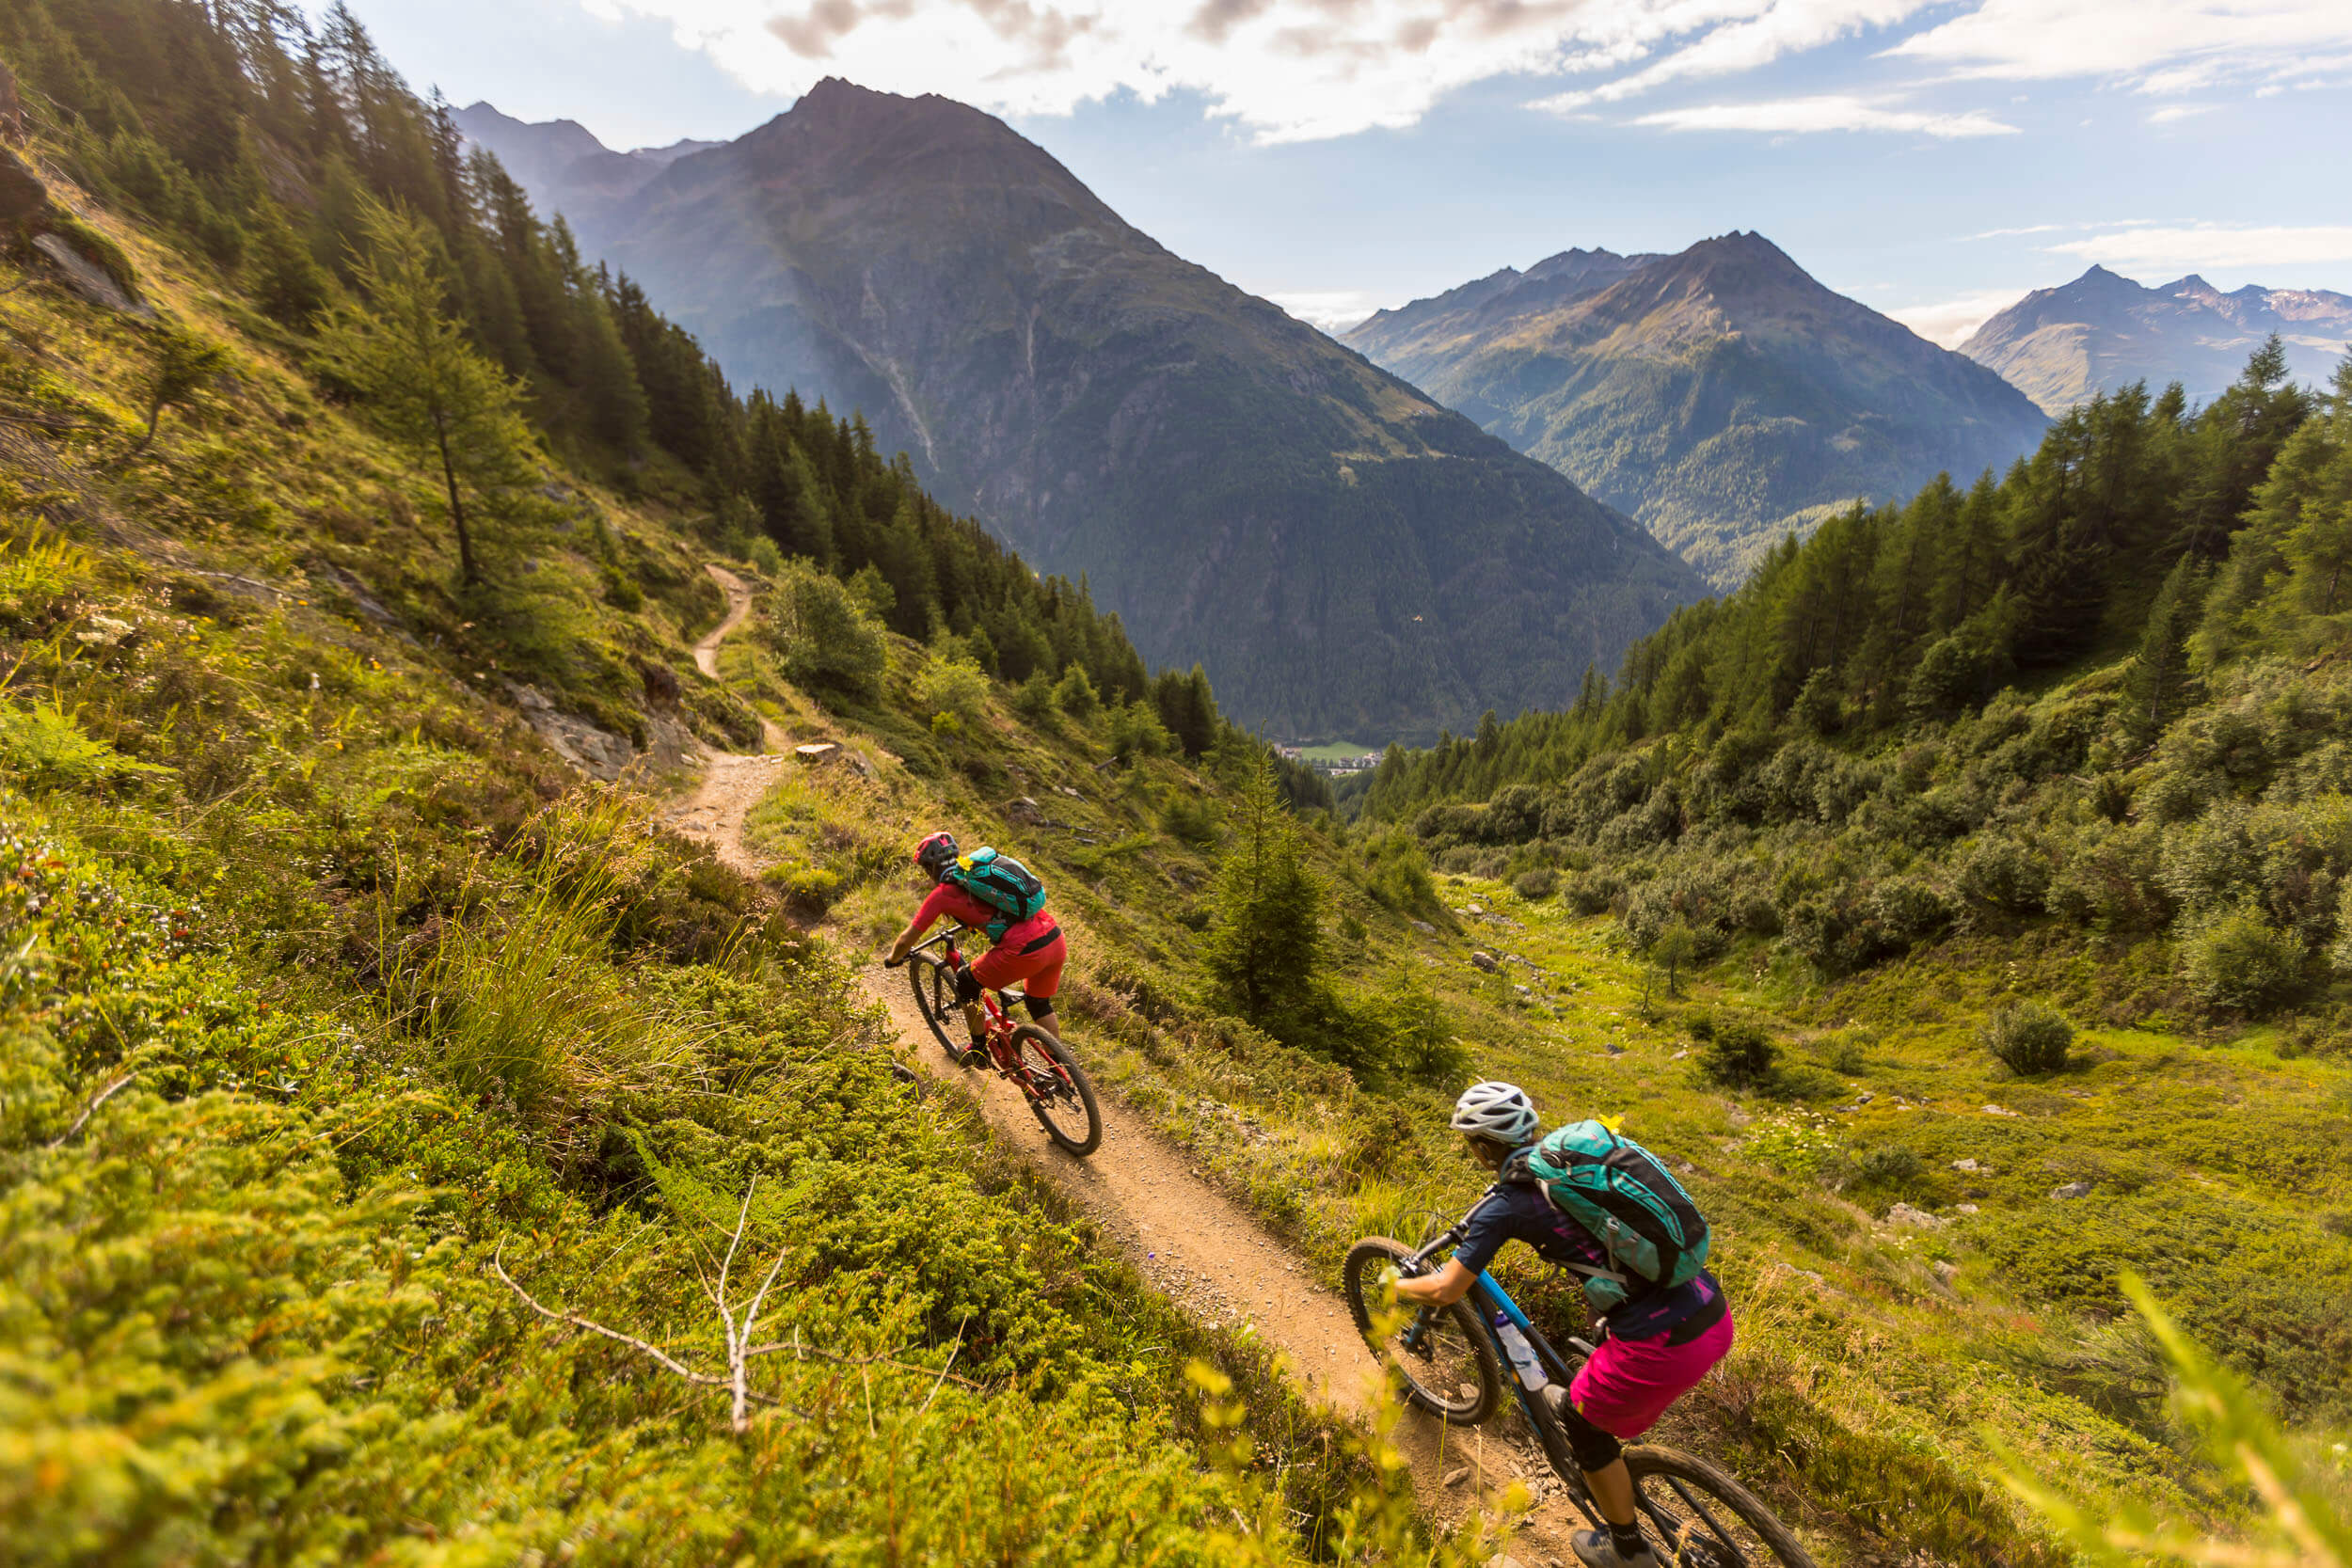 Naturtrail - Leiterberg Trail im Ötztal © WOM Medien